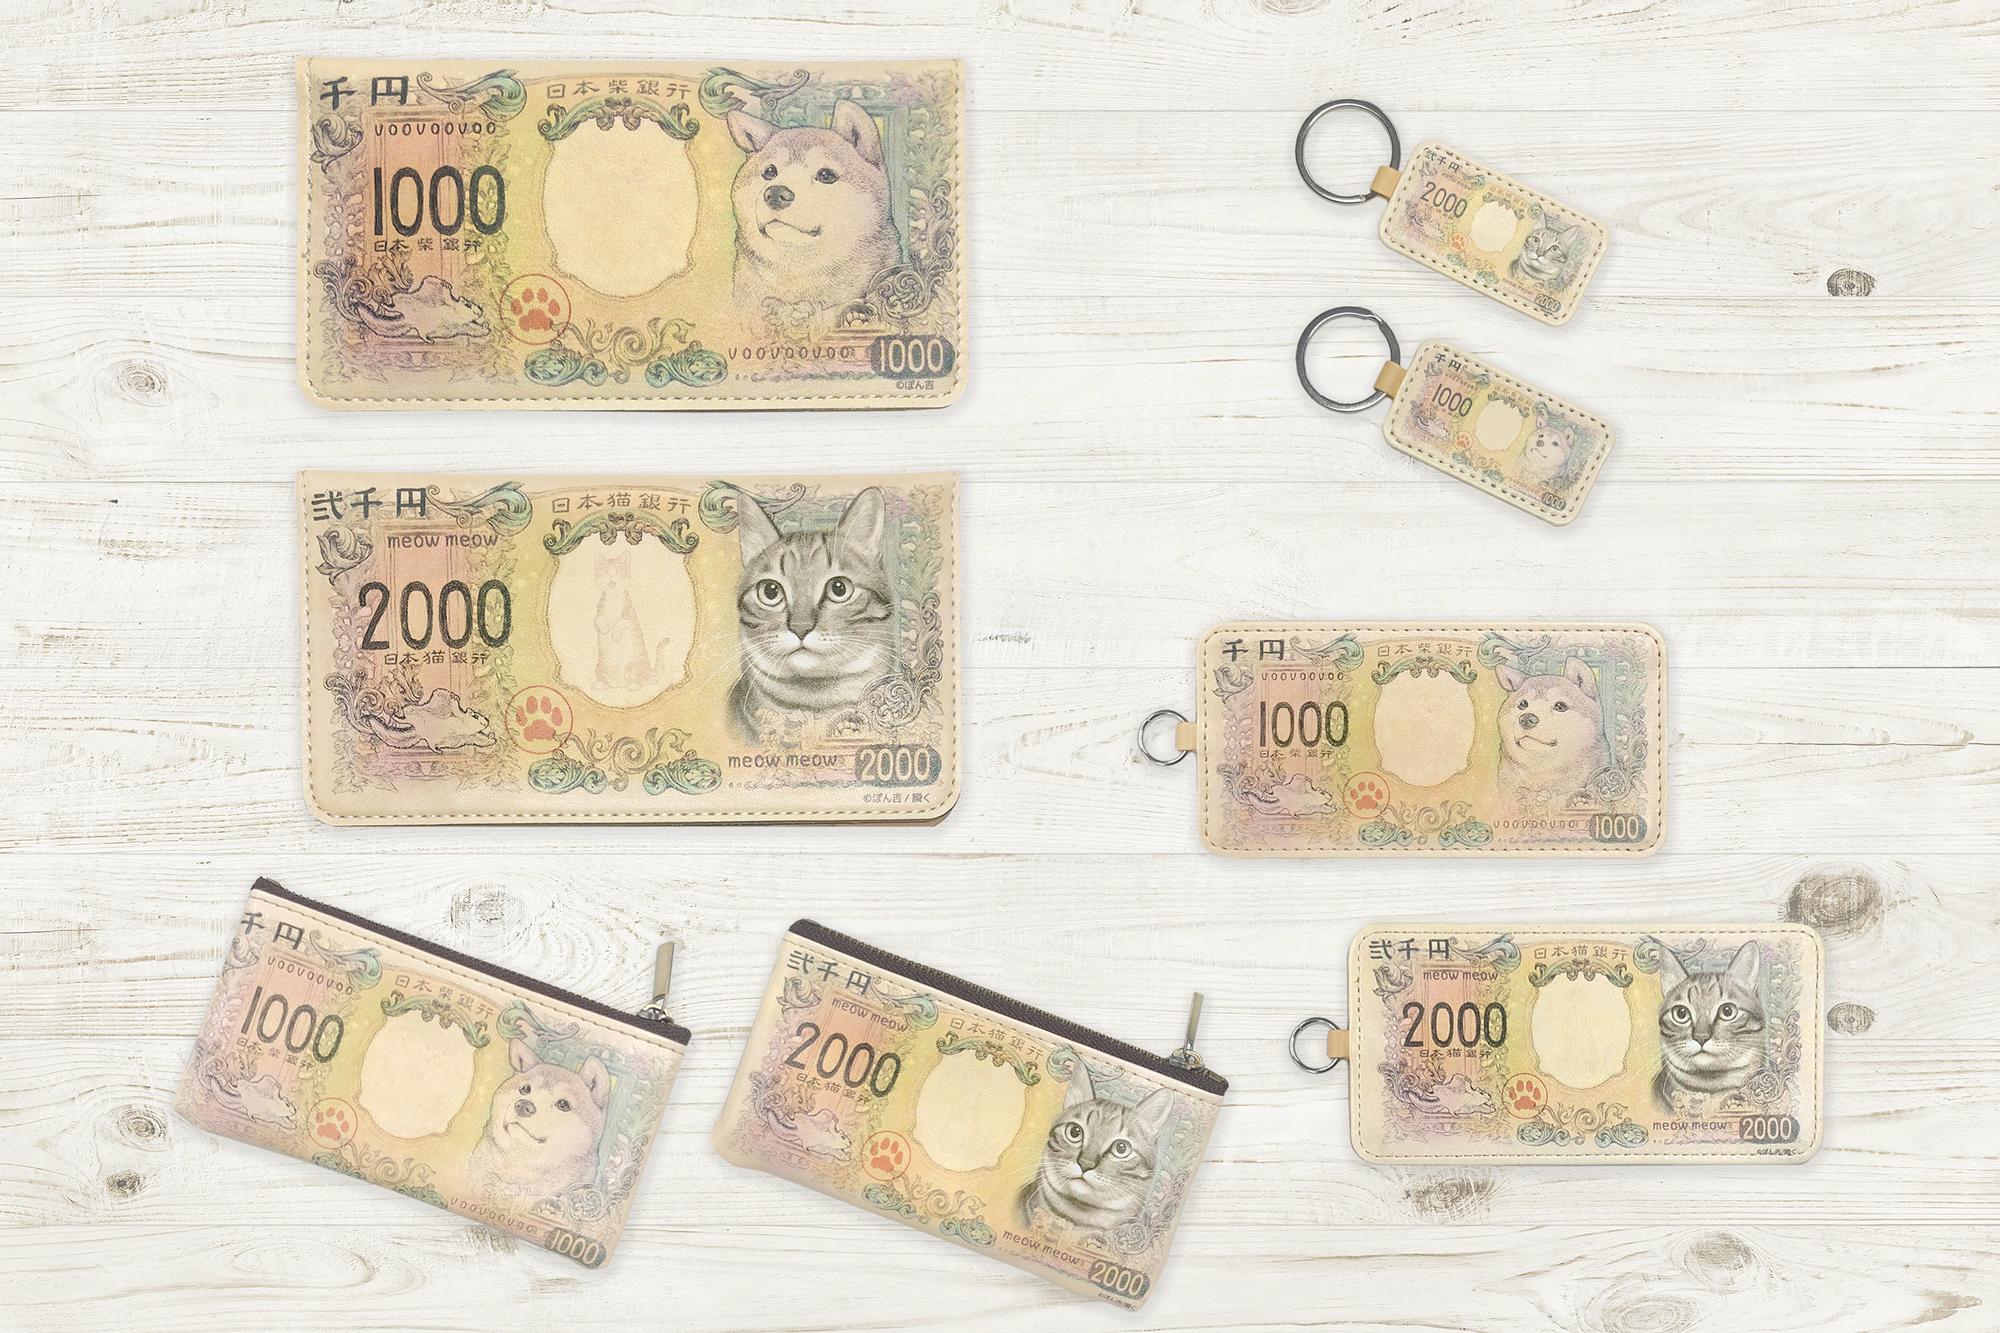 猫と柴犬紙幣の雑貨に新アイテムが登場しました。